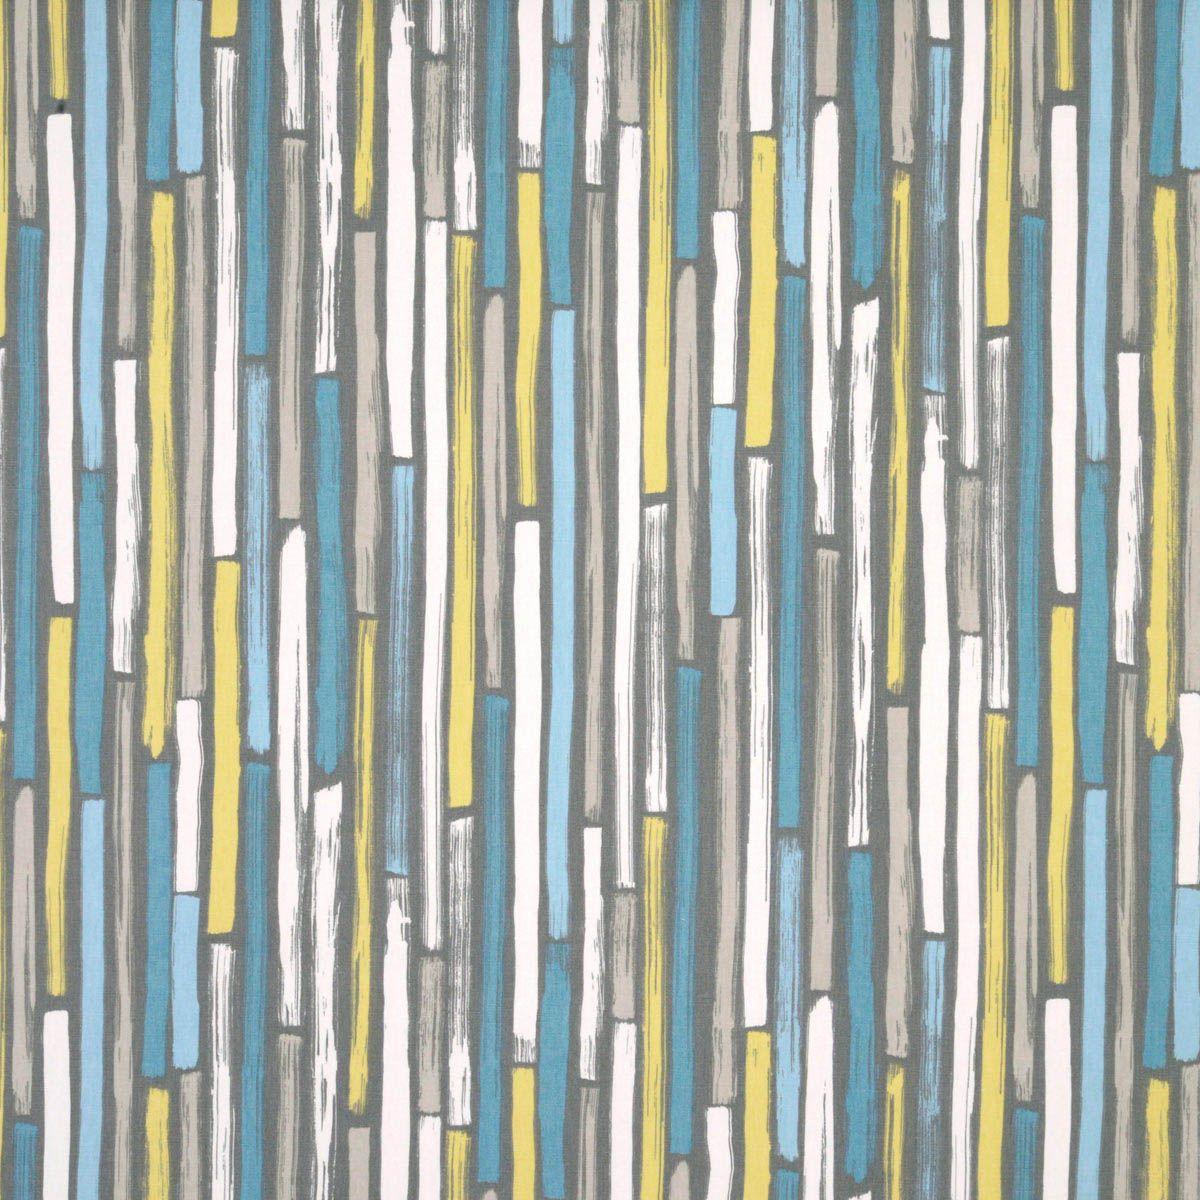 Marcelle Curtain Fabric Mineral Curtain Fabric Aqua Curtains Curtains